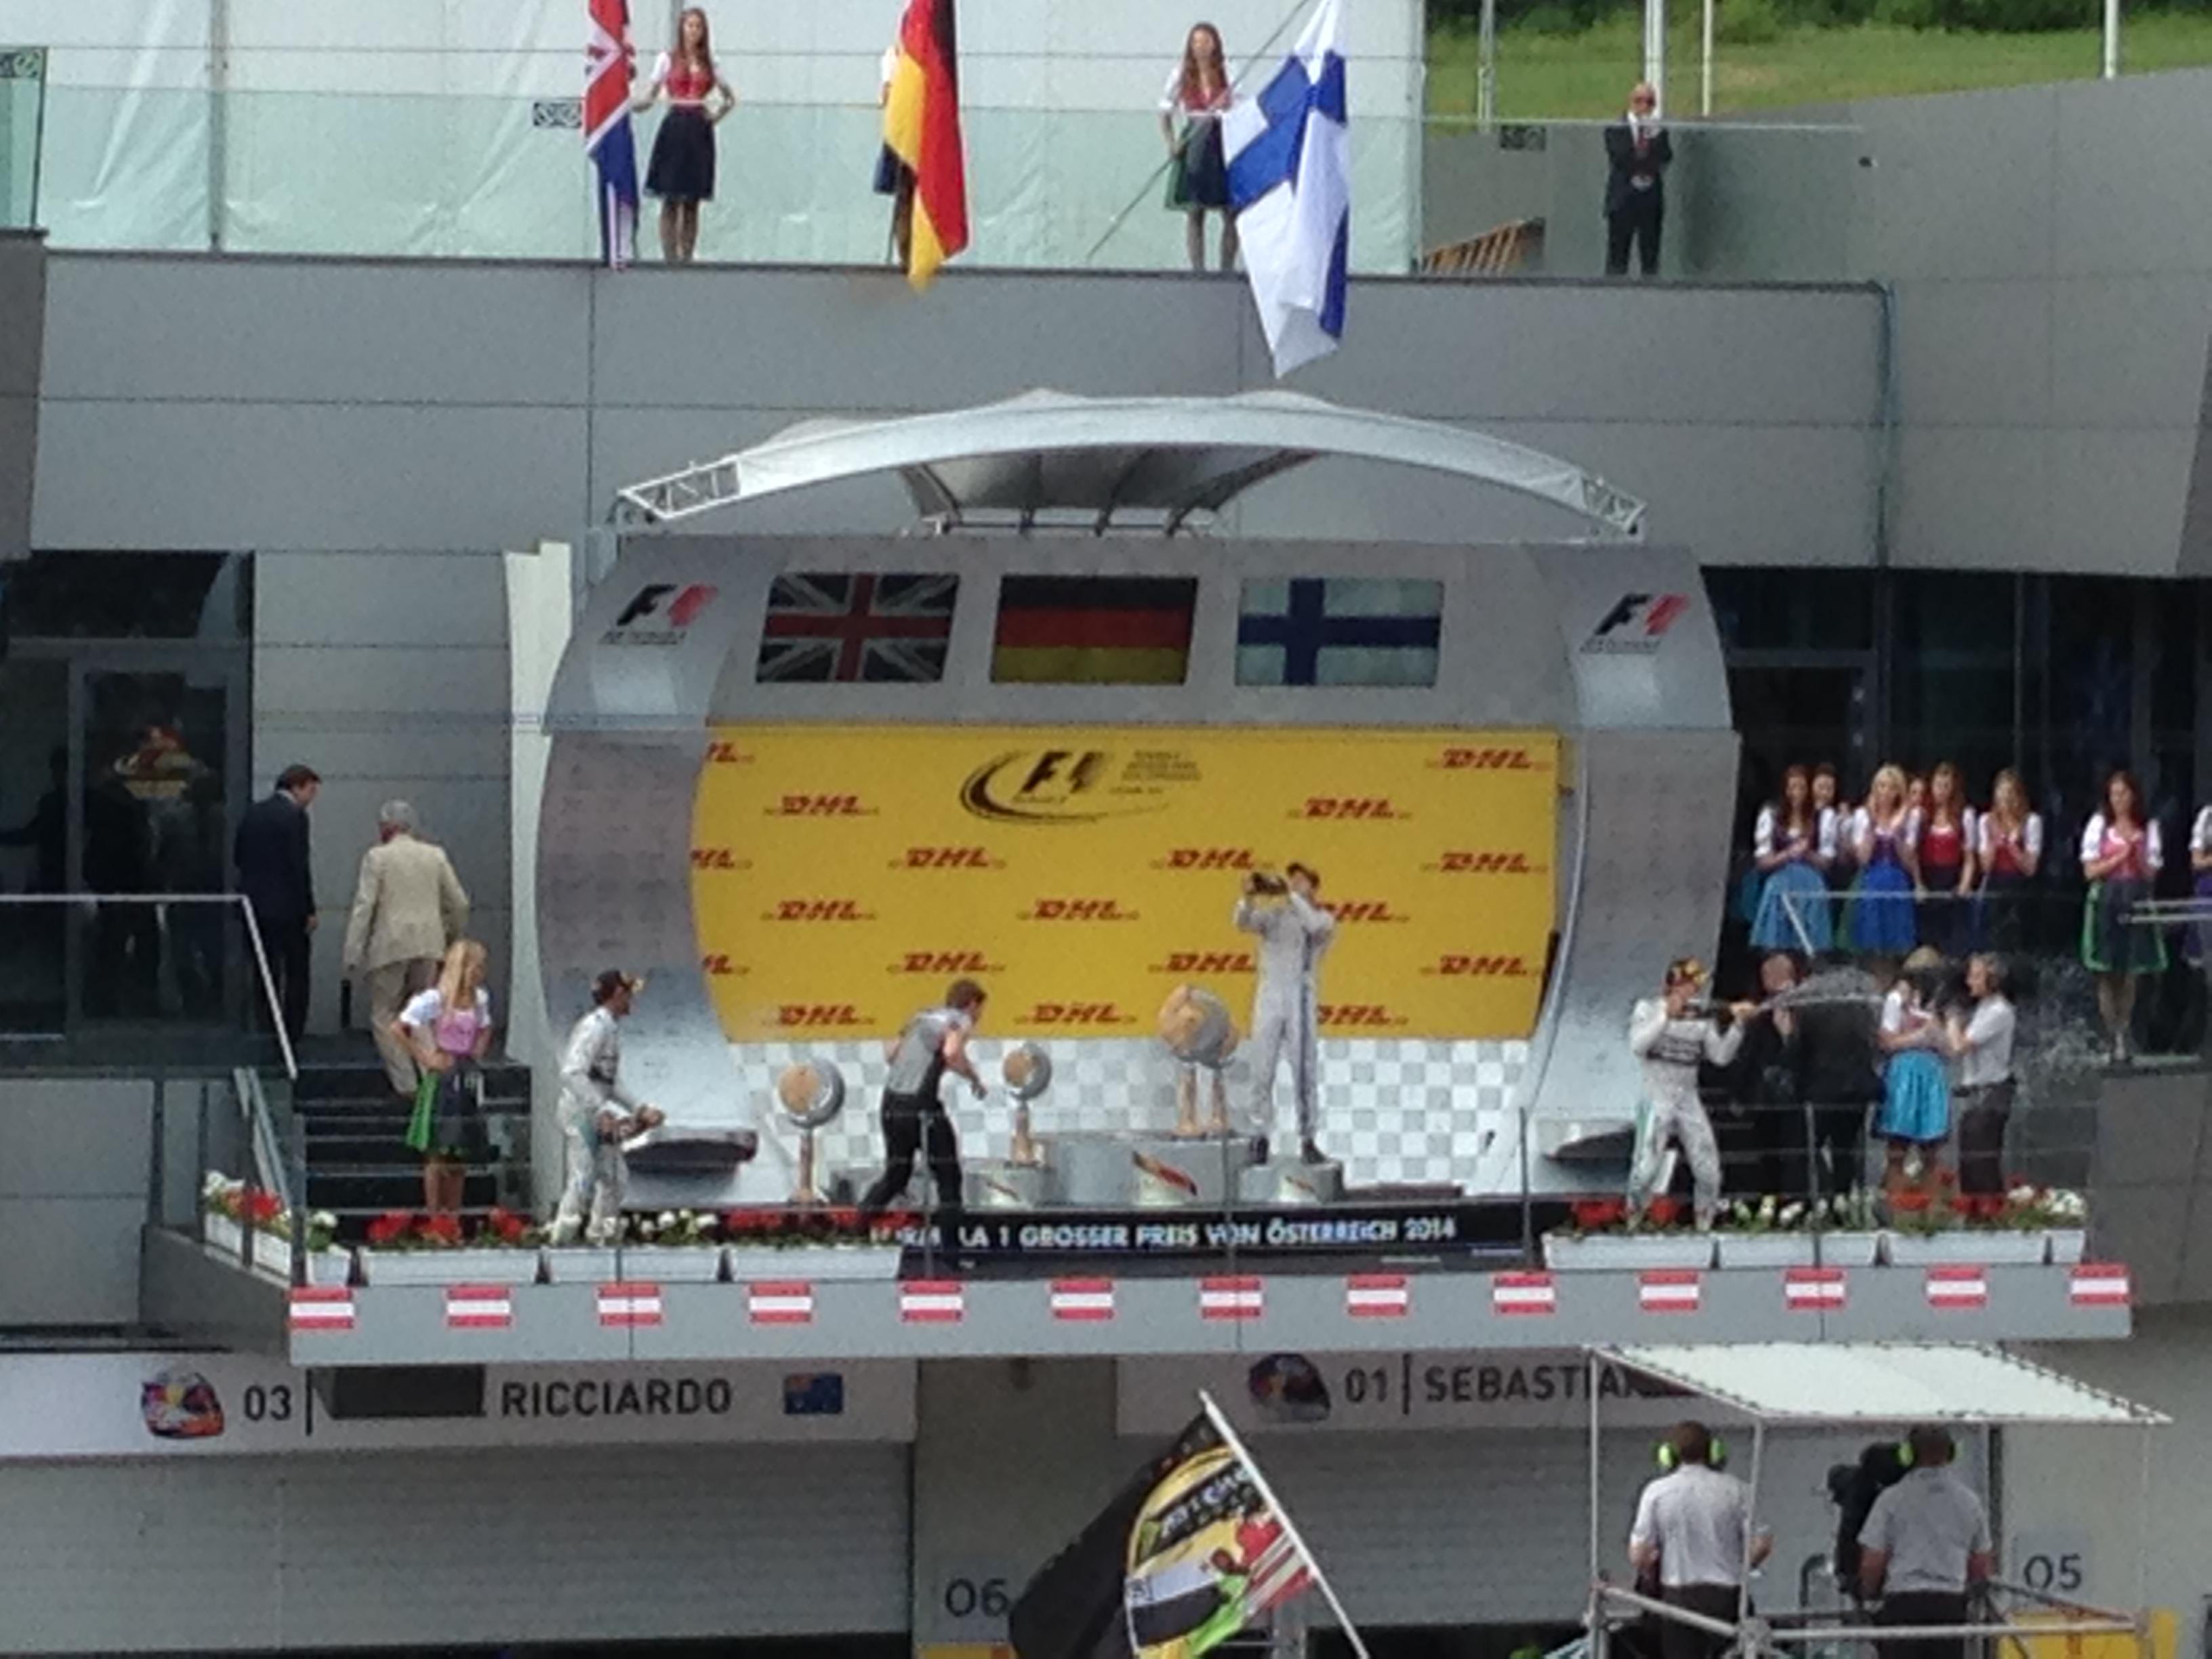 Valtteri Bottas am Podium .... Prost!